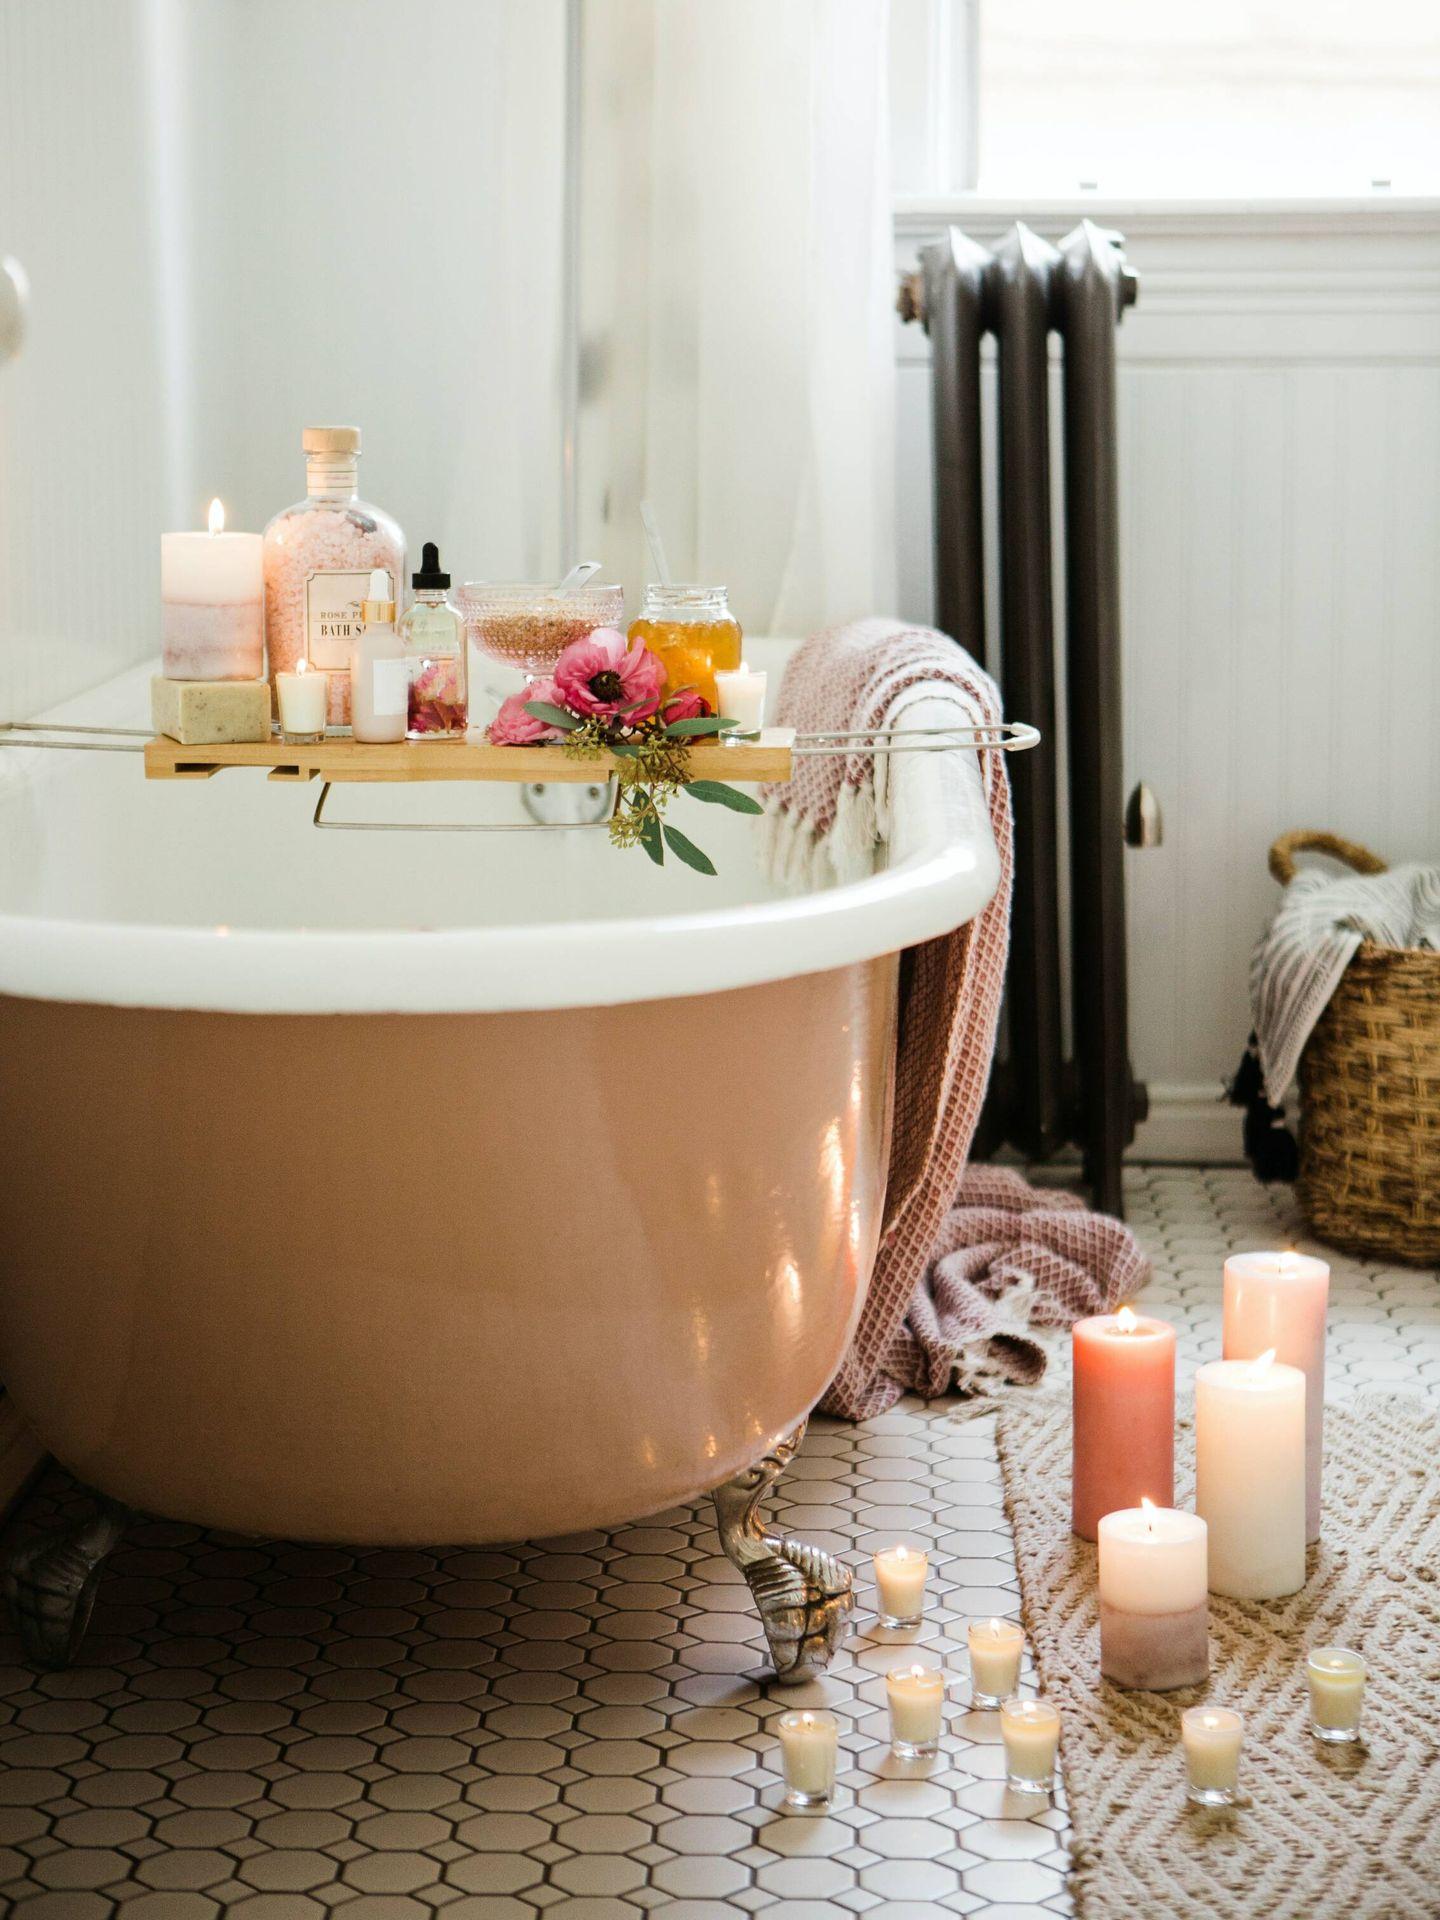 Ventajas e inconvenientes de tener bañera en el cuarto de baño. ( Brooke Lark para Unsplash)